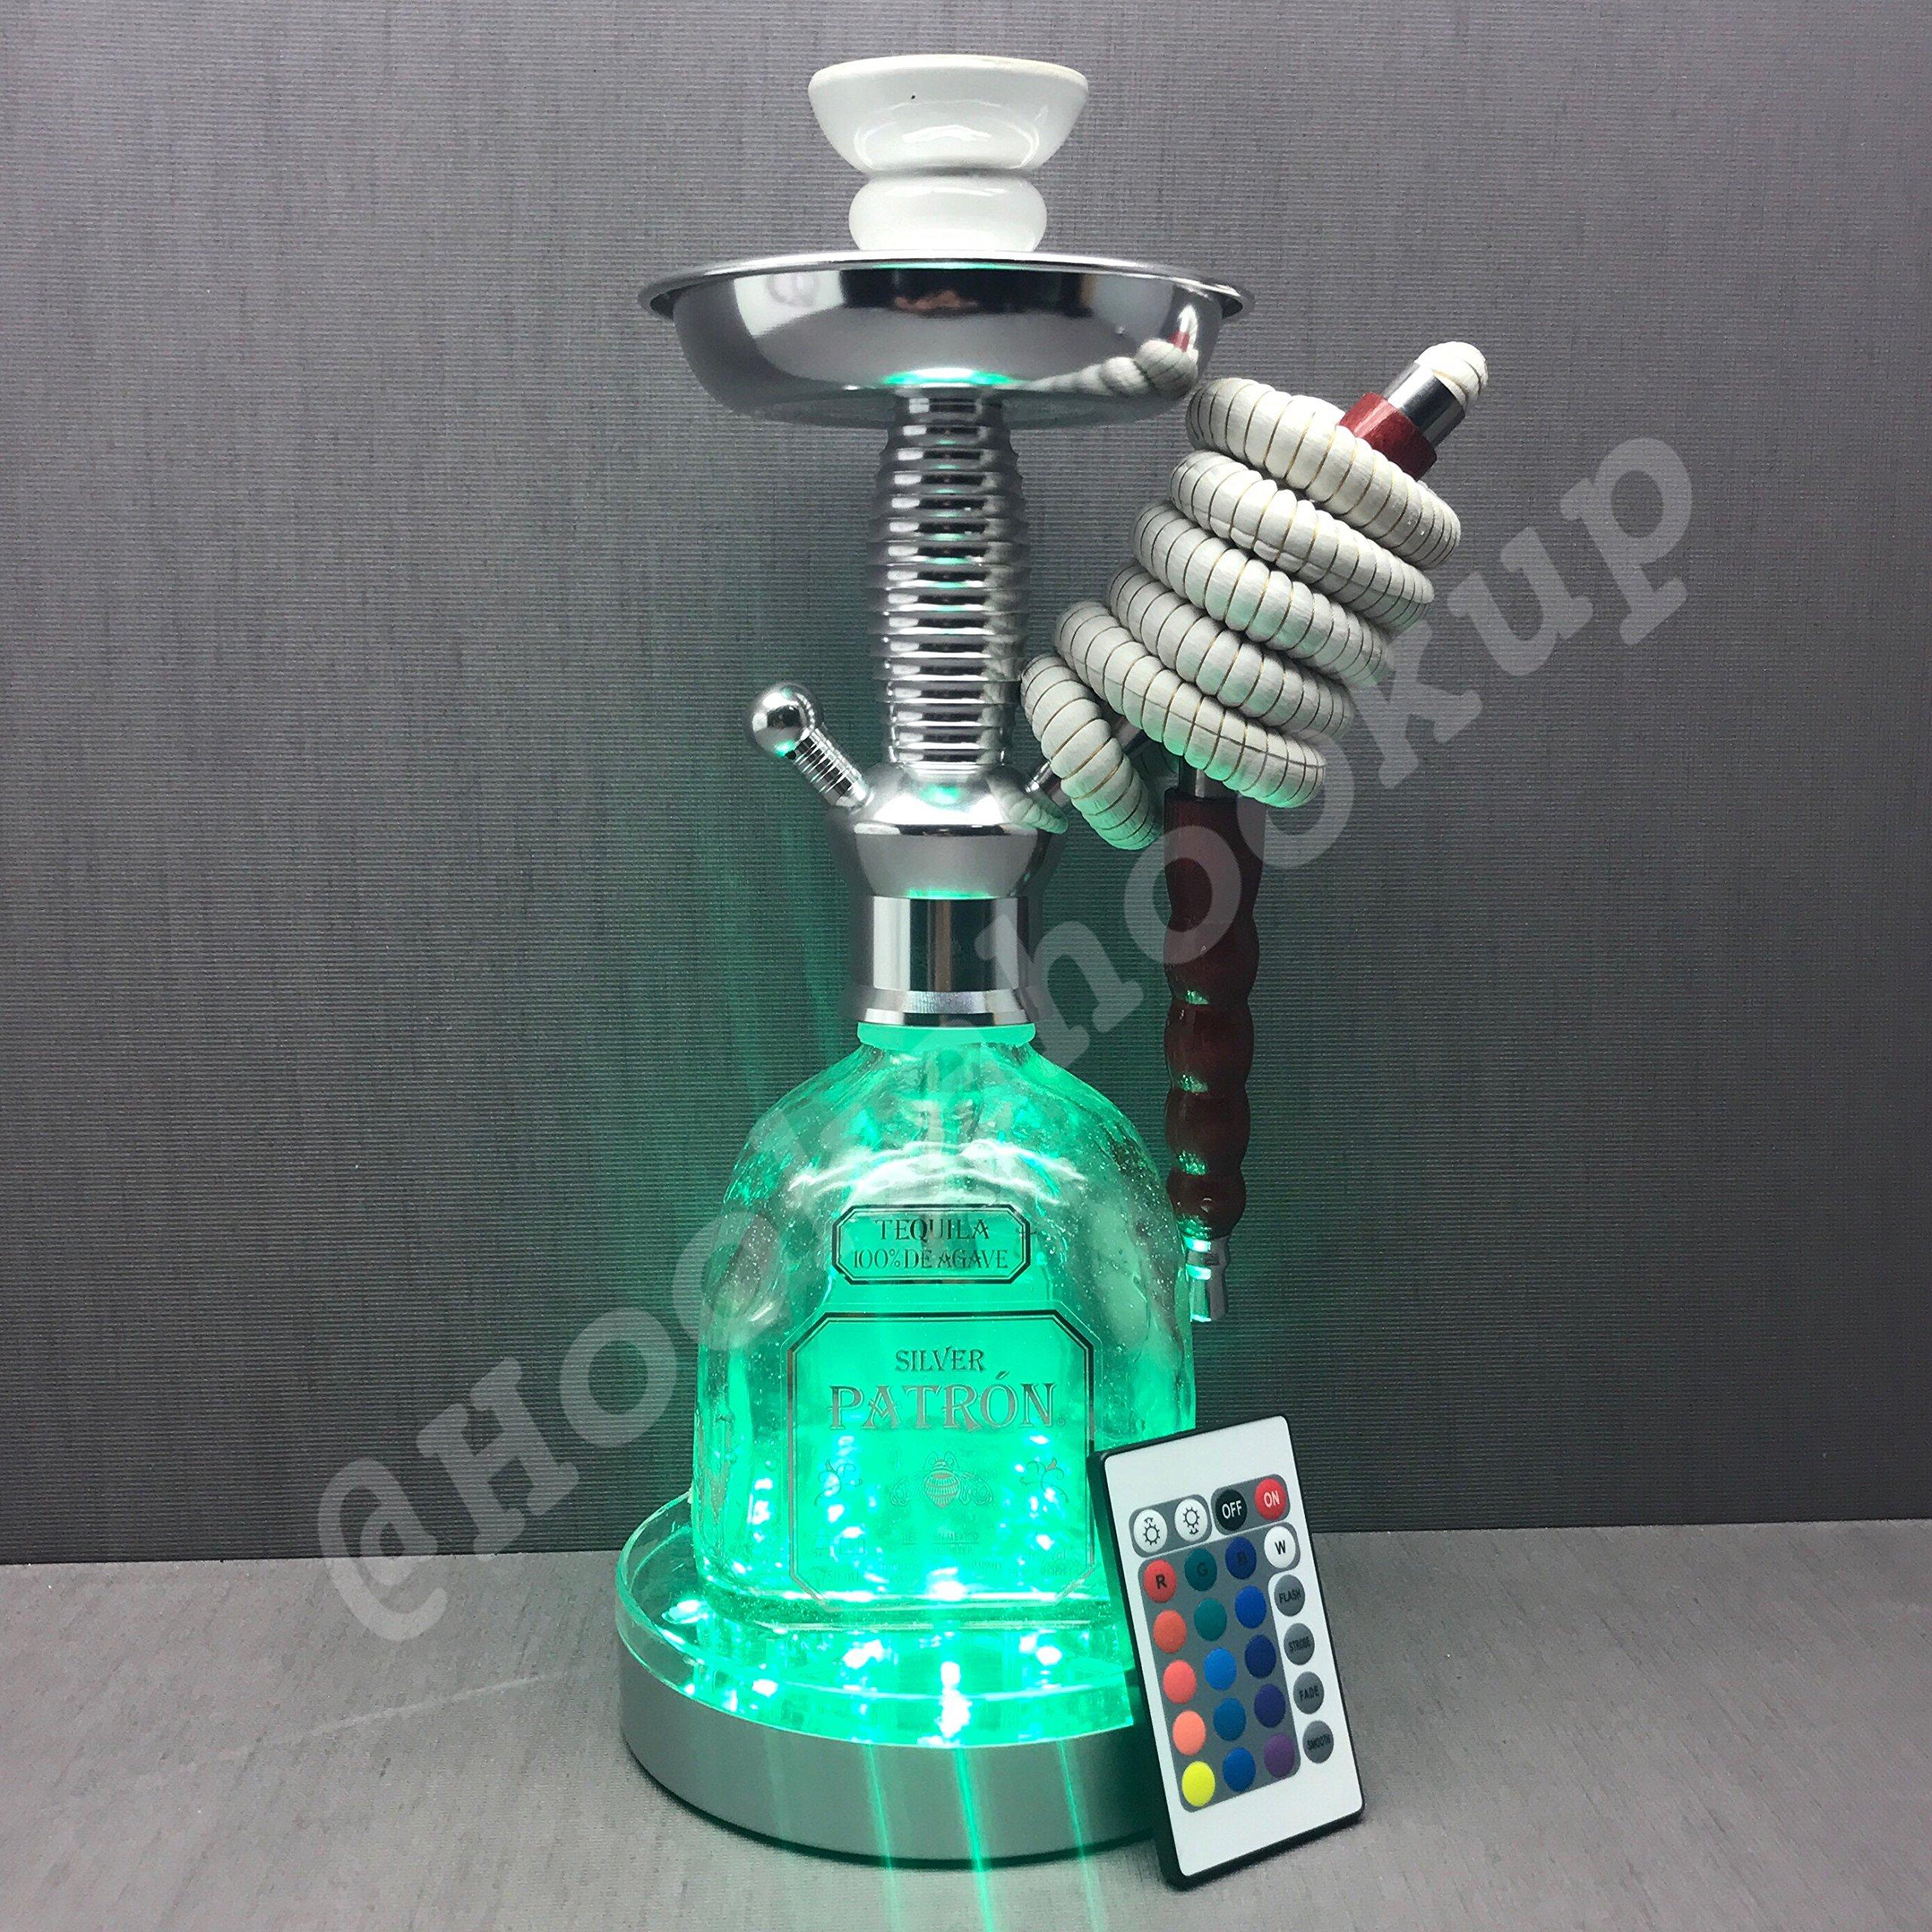 Patron Silver .750L BottleHookah with LED Stand Pumpkin Hookah size